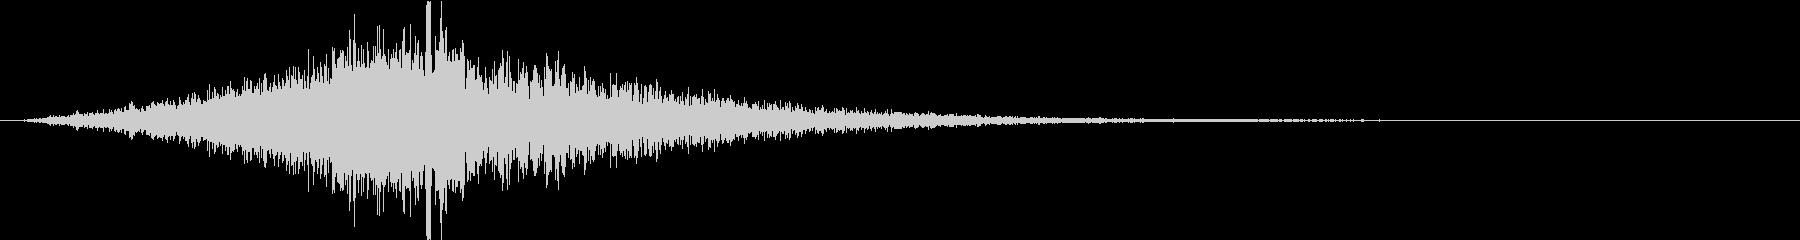 インパクト②(重低音・映画・トレーラー)の未再生の波形